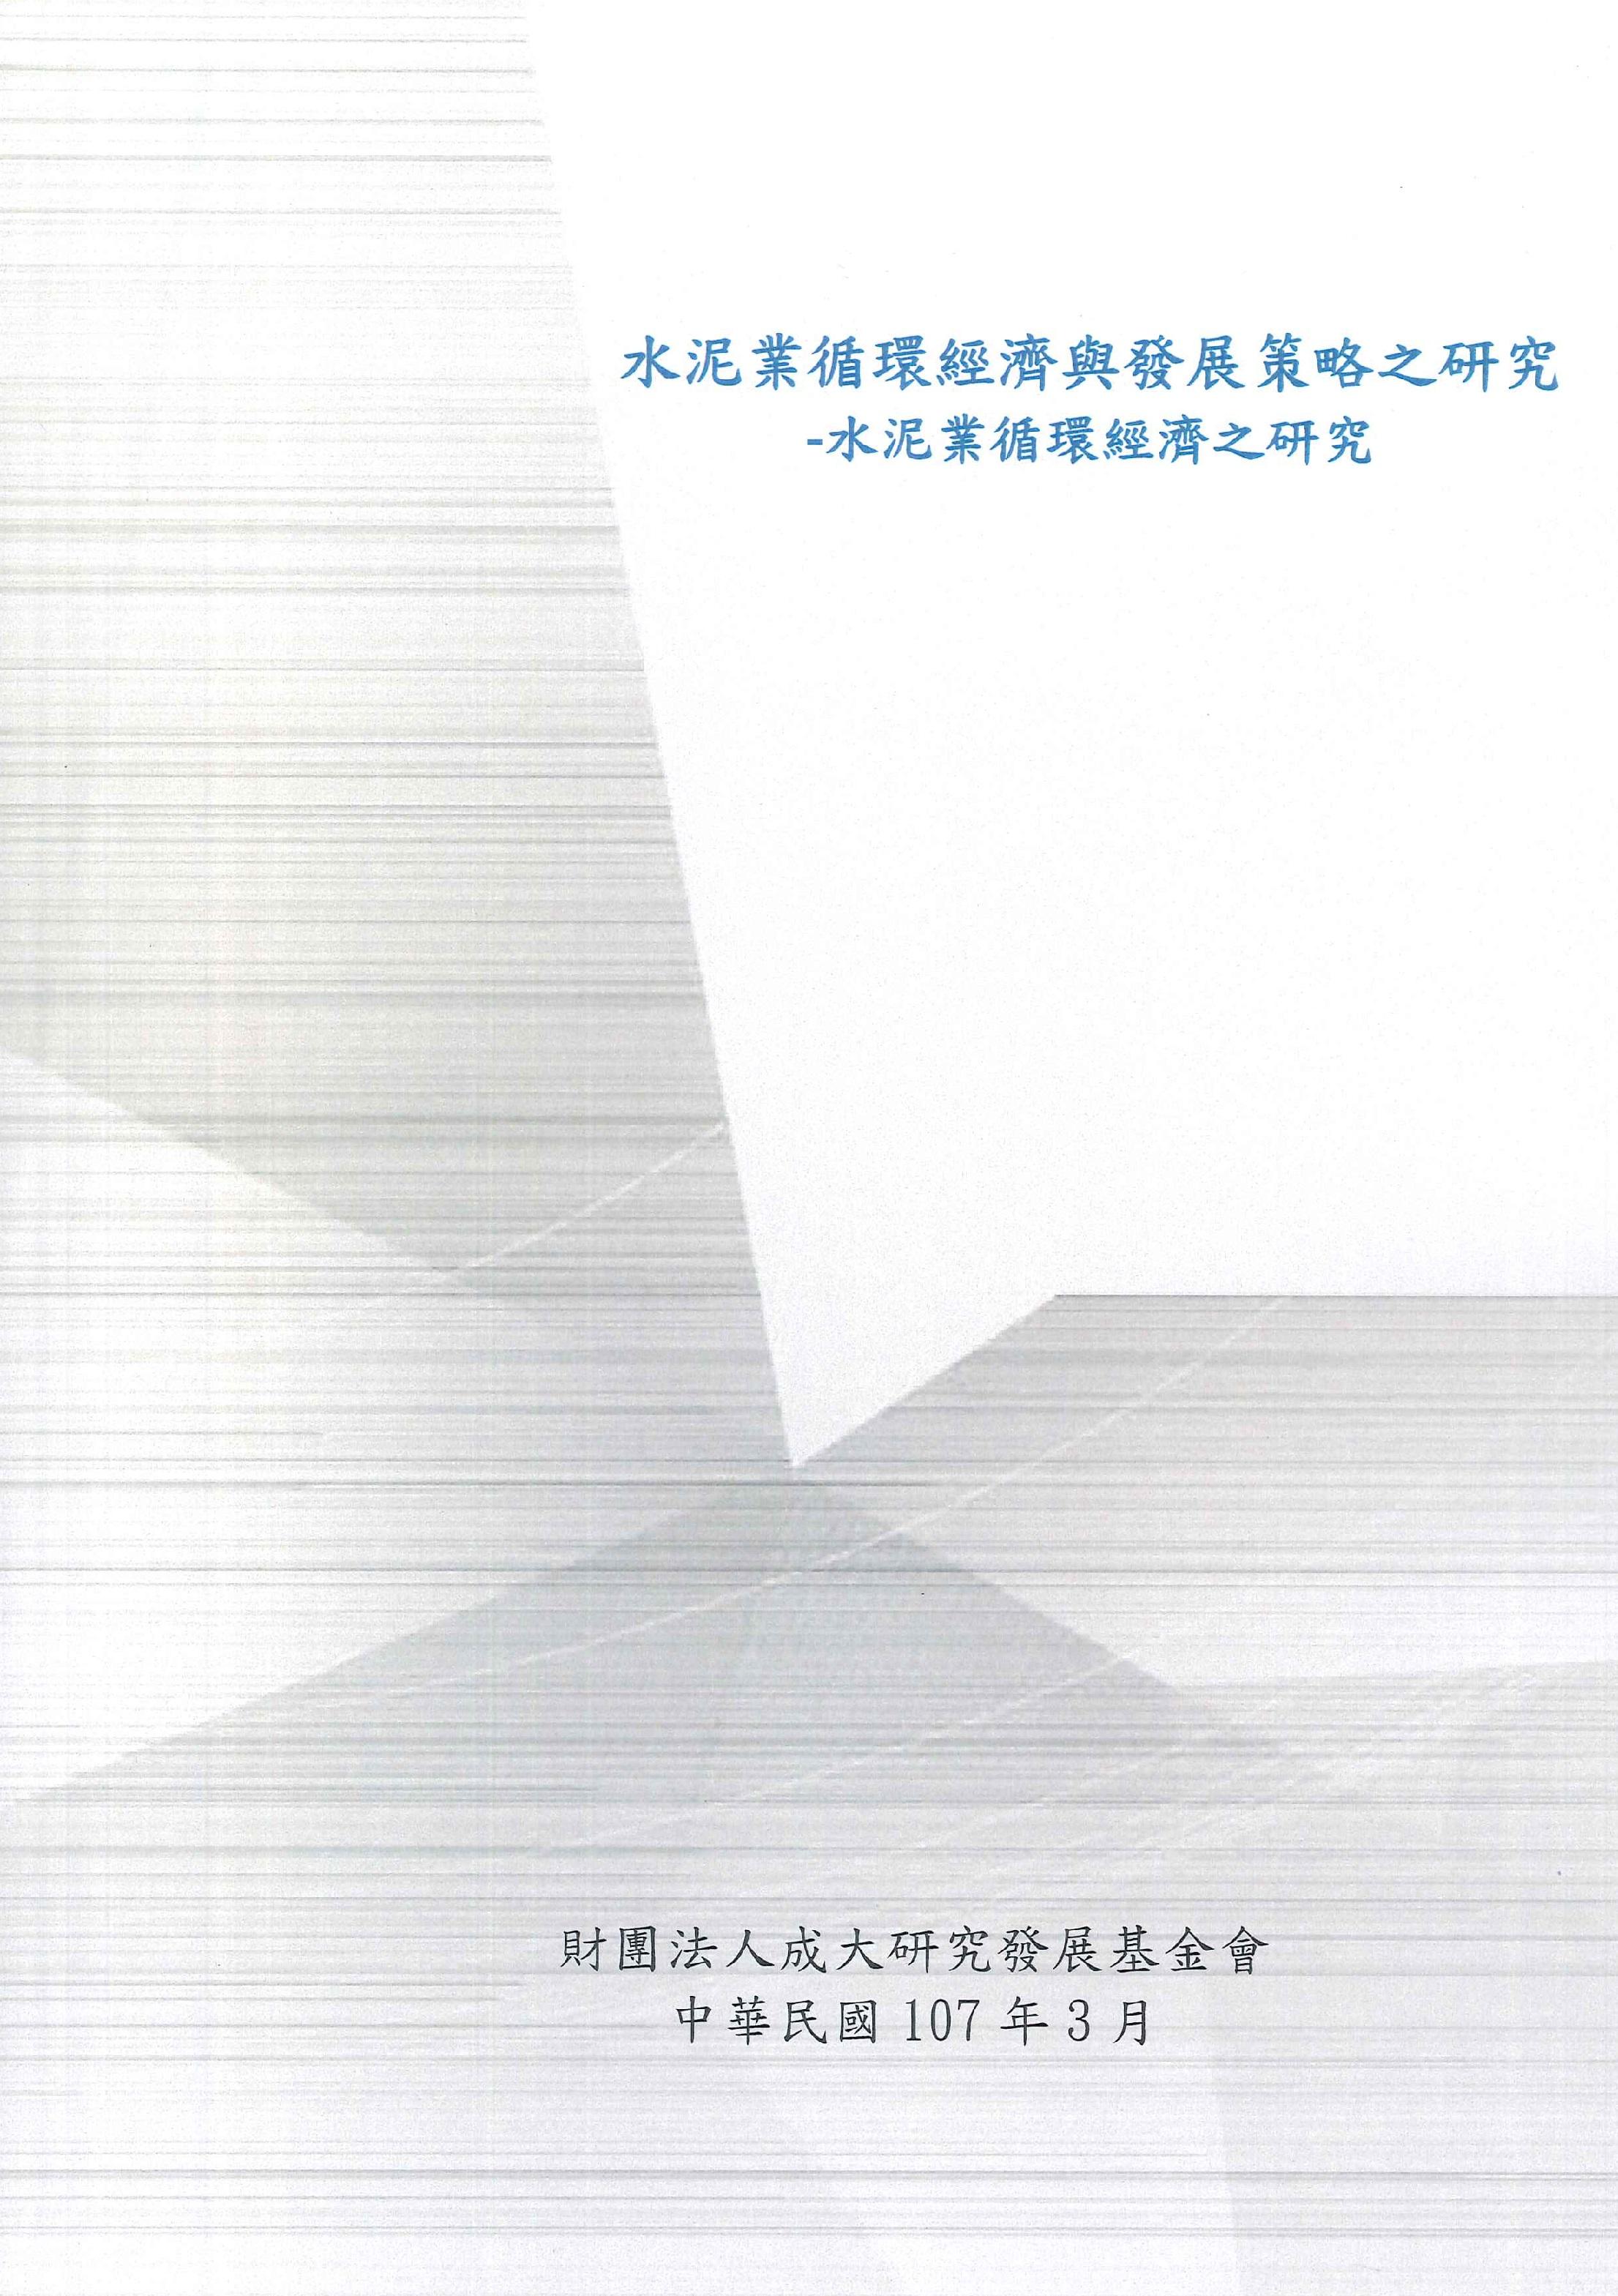 水泥業循環經濟與發展策略之研究:水泥業循環經濟之研究